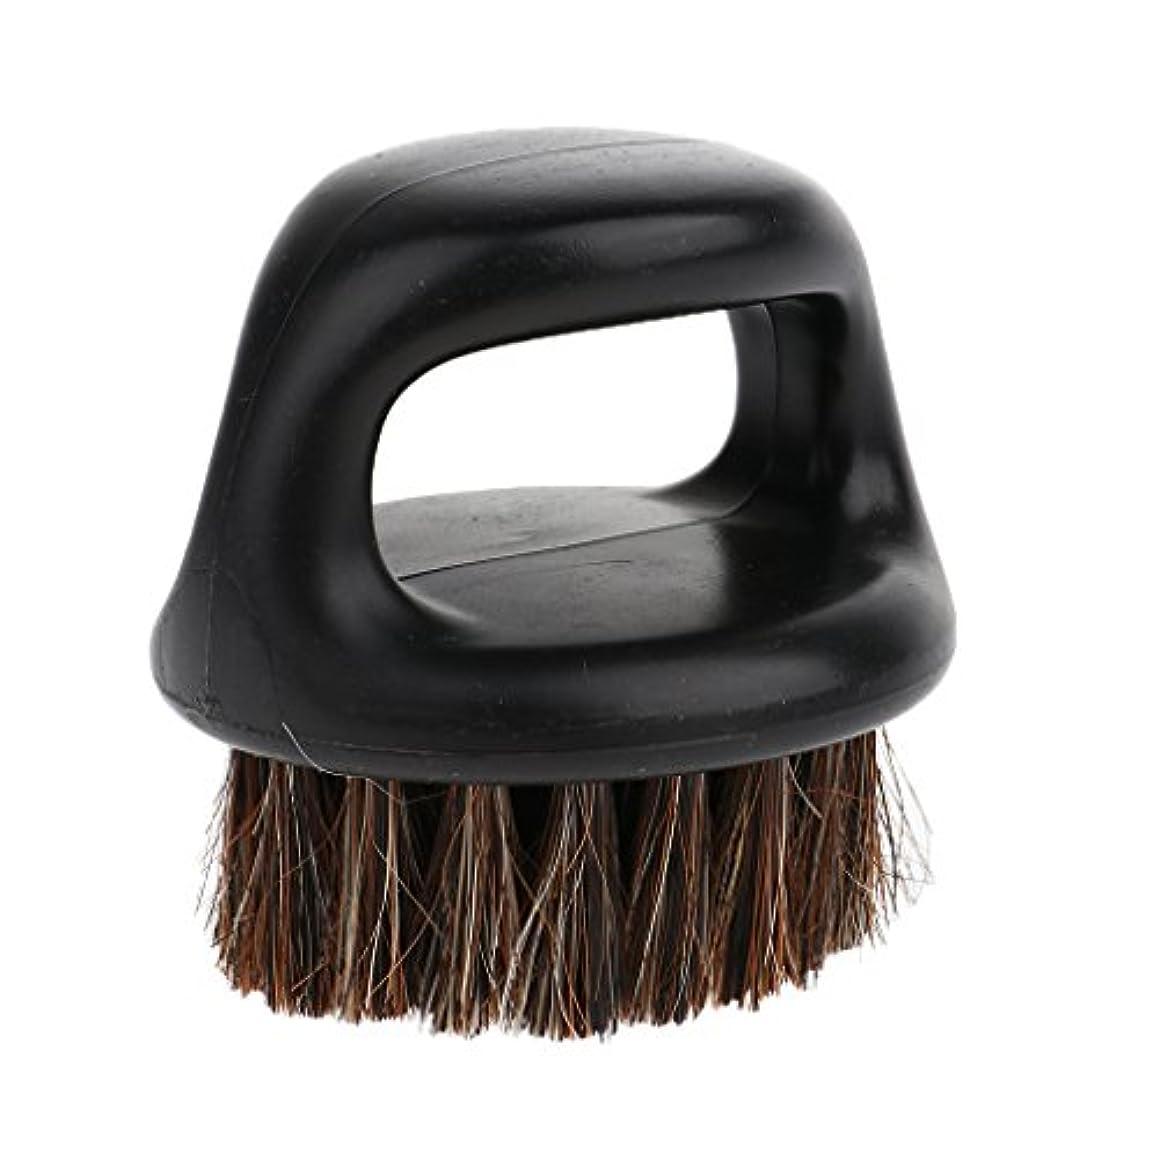 急襲煙酔ってひげ剃り用ブラシ ヘアブラシ ハンドル付き 丸いブラシ ポータブル 男性